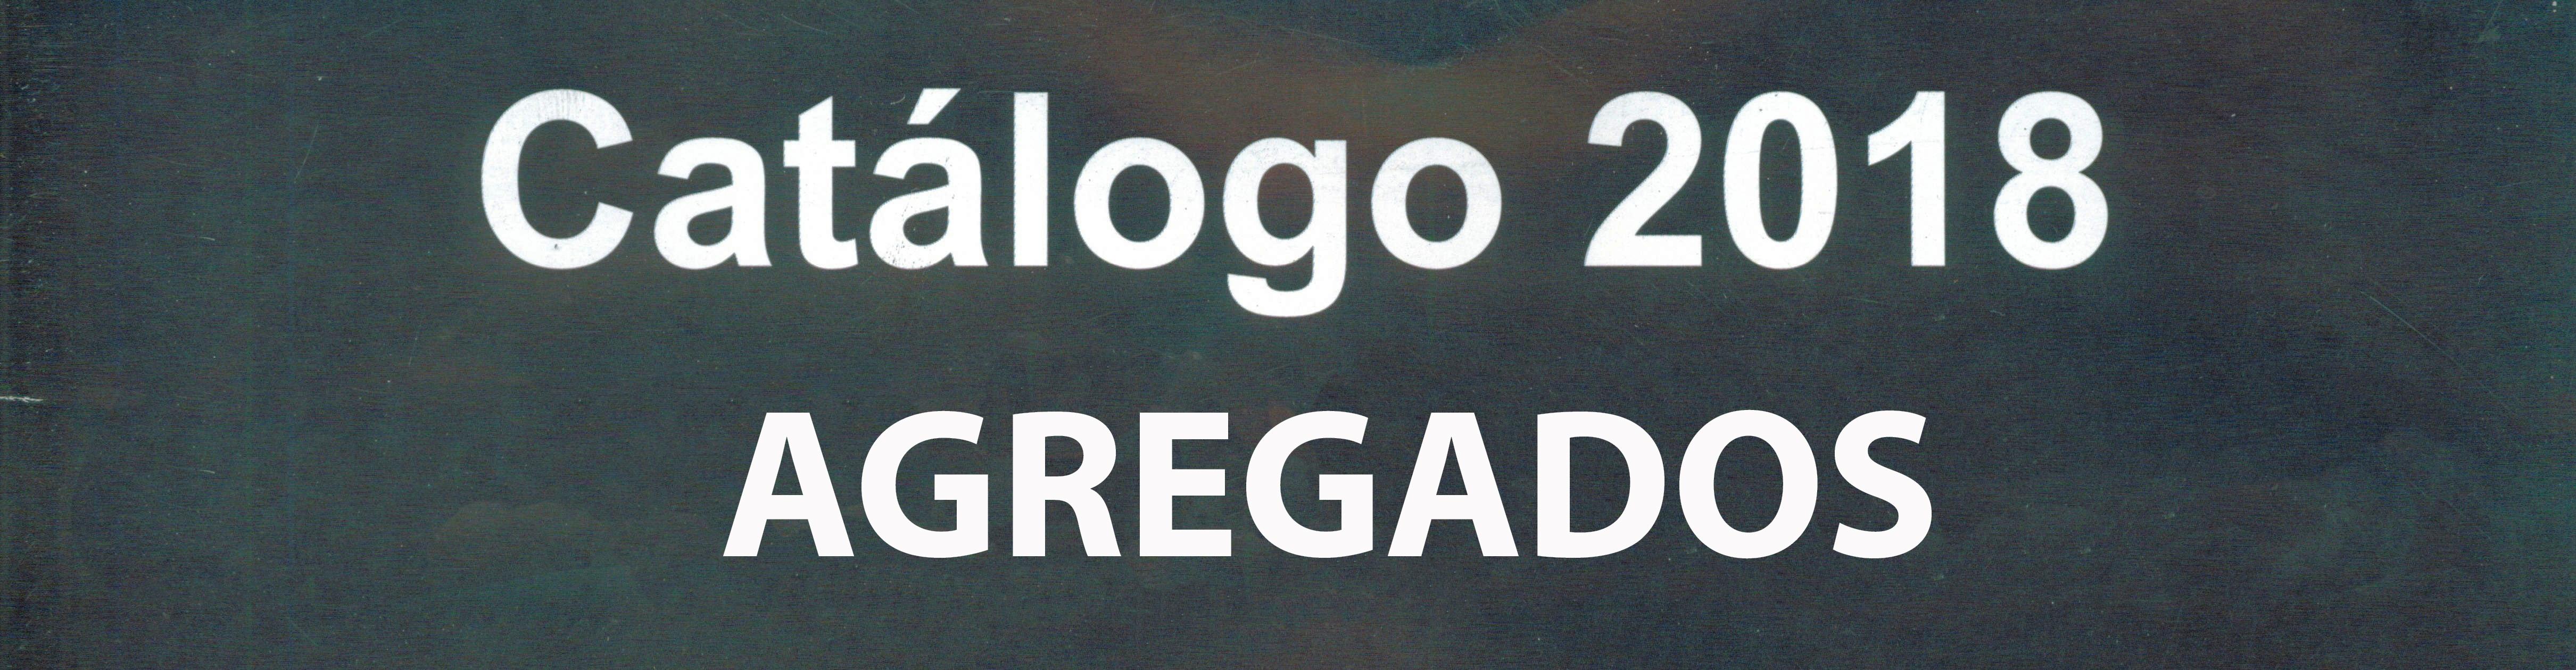 AGREGADOS CATALOGO 2018 (ENERO 2021)